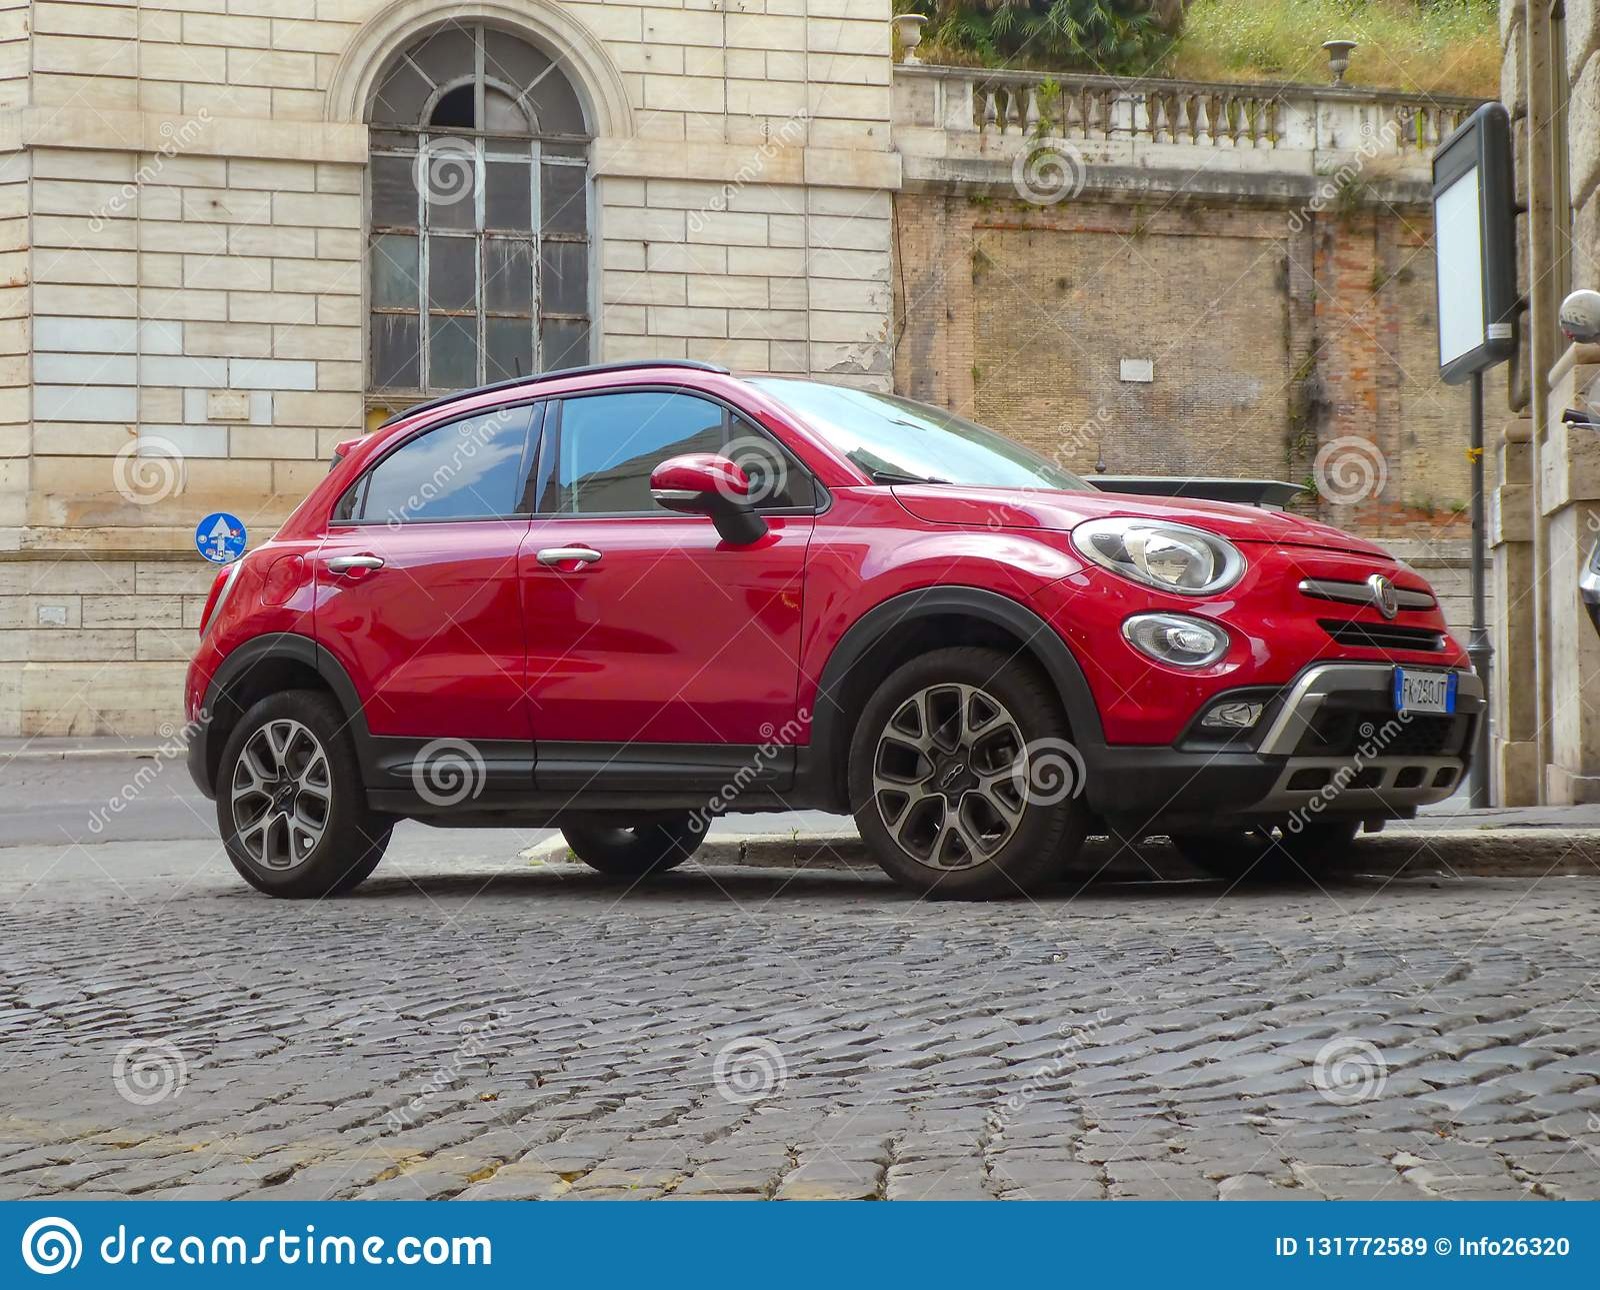 3 rad auto italien